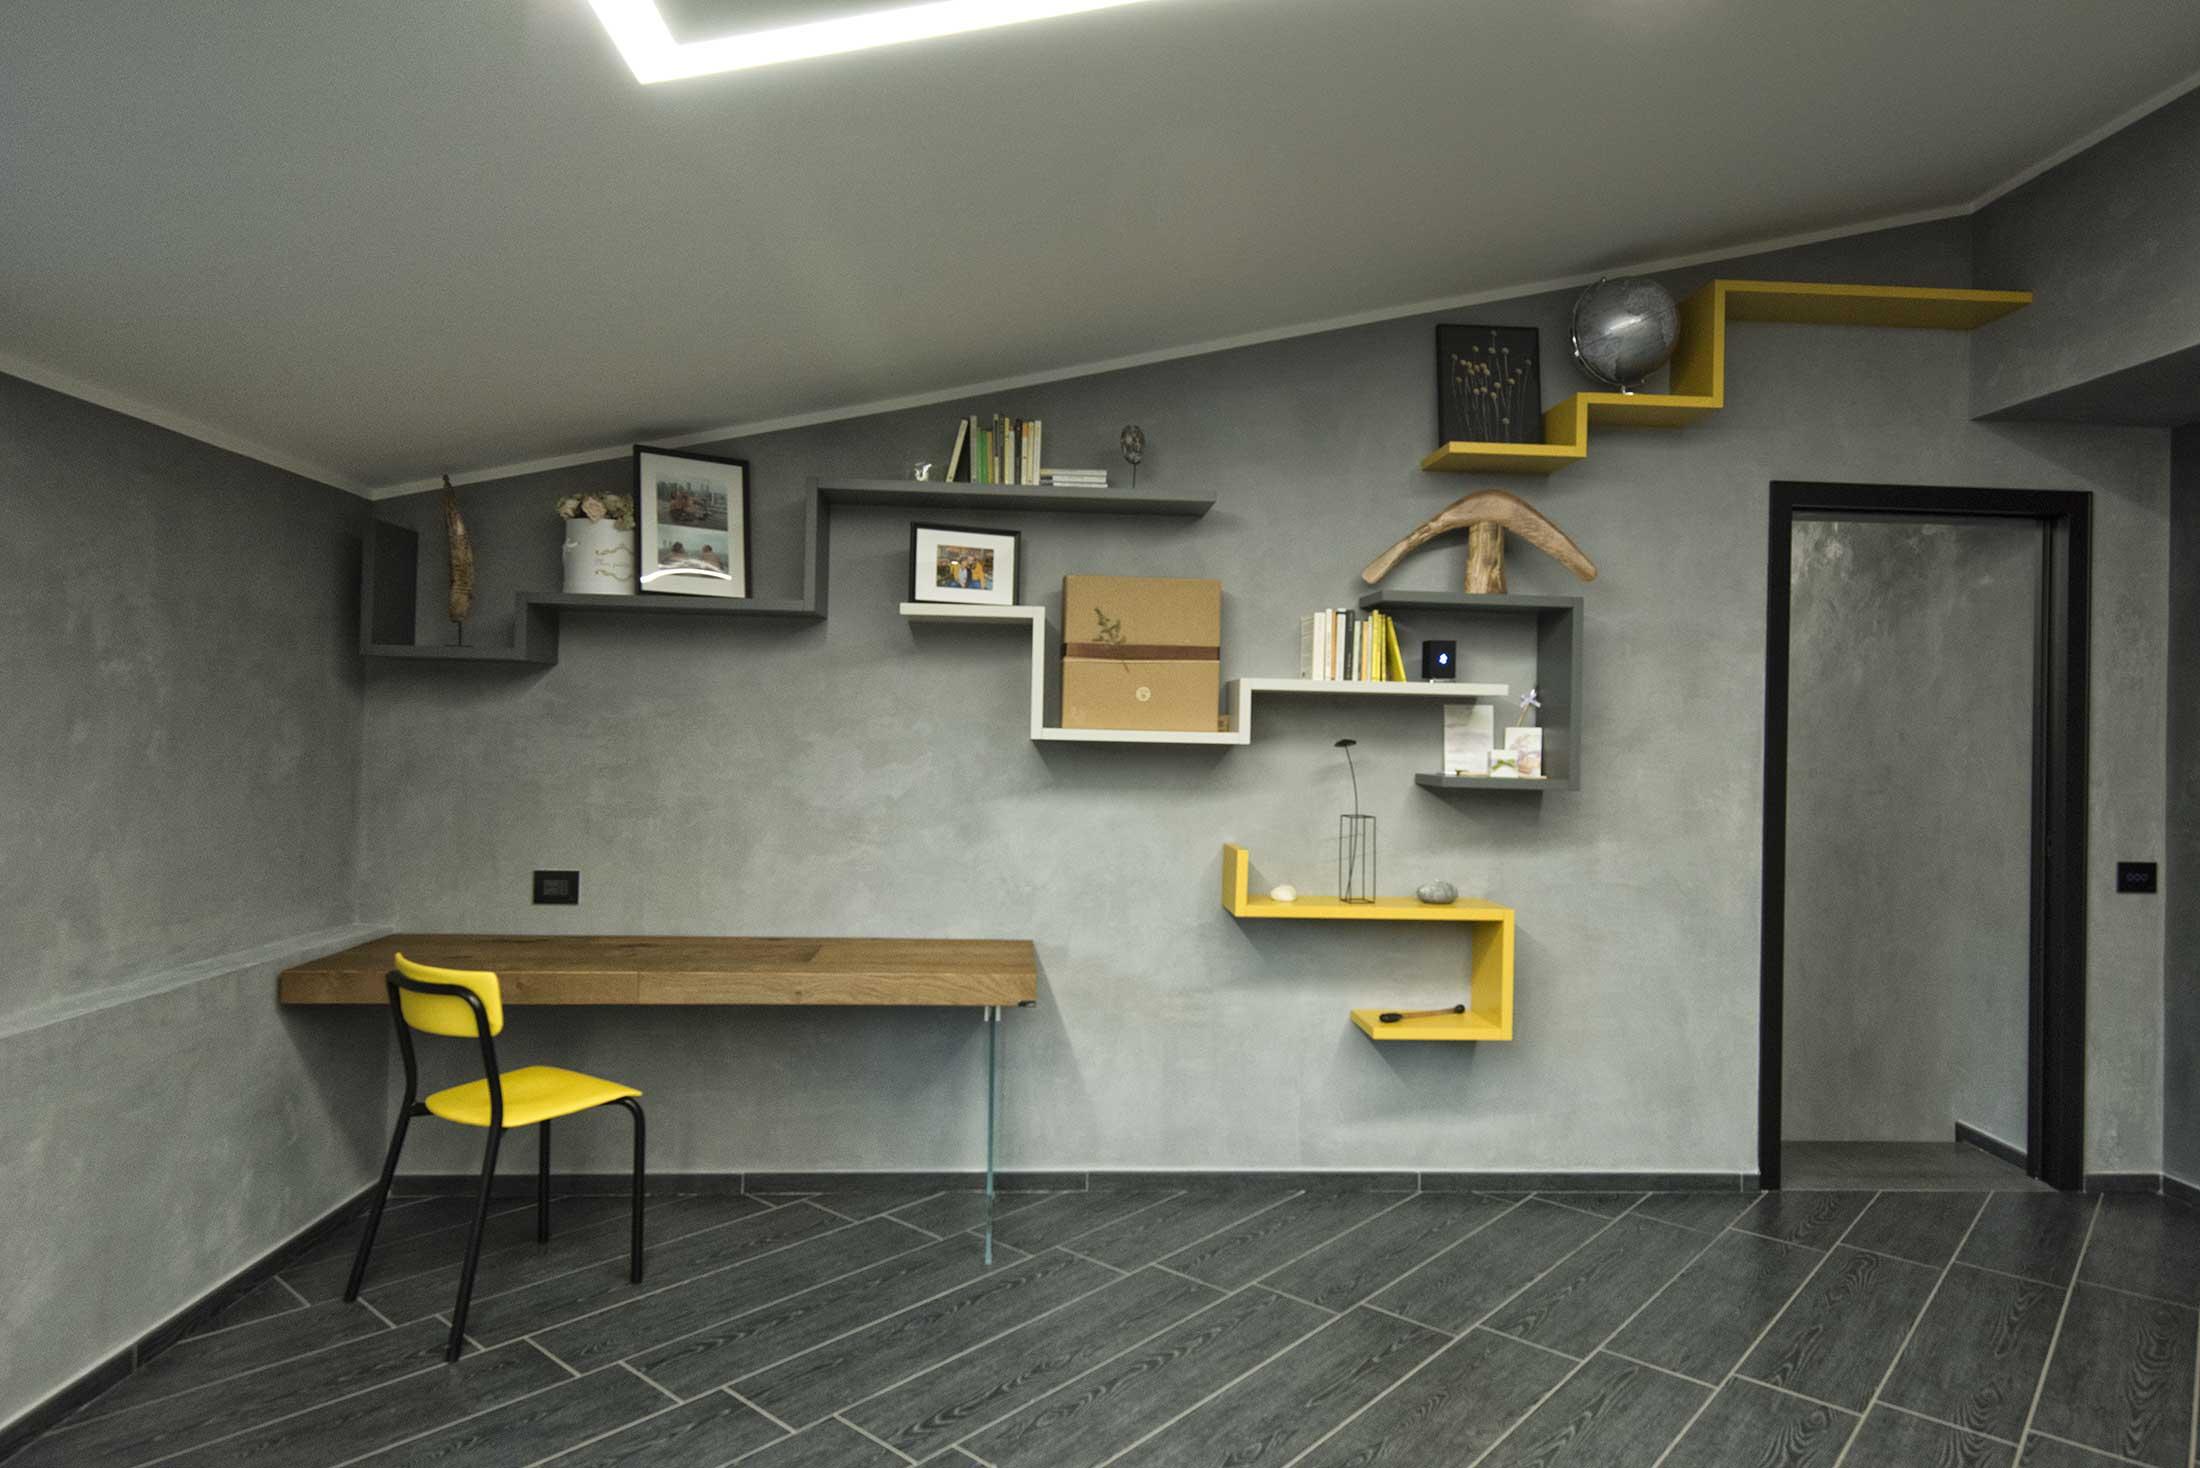 progetti-architettura-design-Formia-Addessi-Design-progettazione (14)